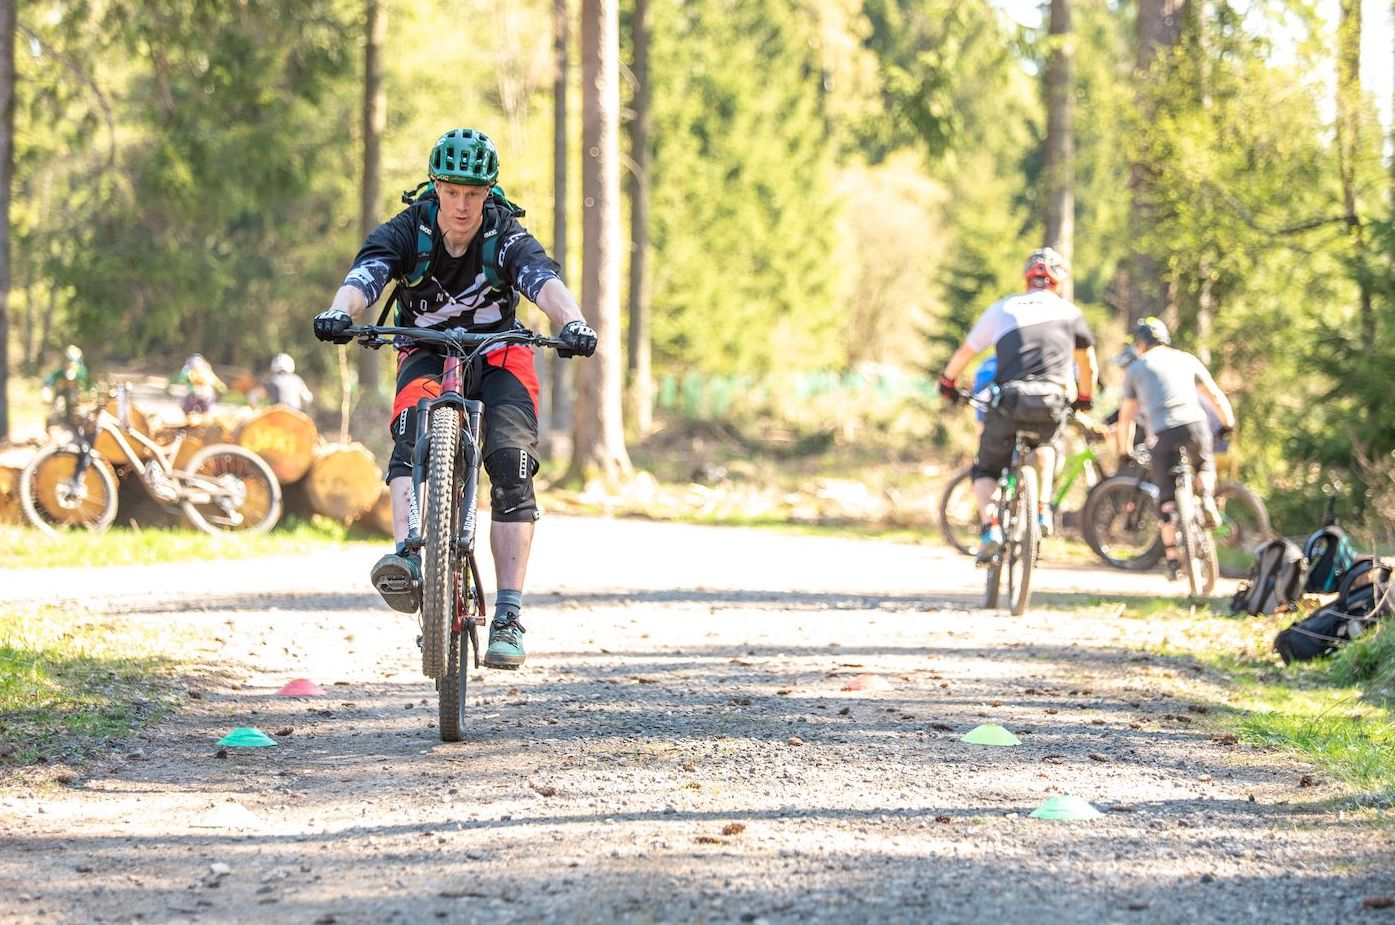 MTB Fahrtechnik Kurs Fortgeschrittene in Stuttgart  Esslingen - Mountainbike Fortgeschritten - Rock my Trail Bikeschule - 13